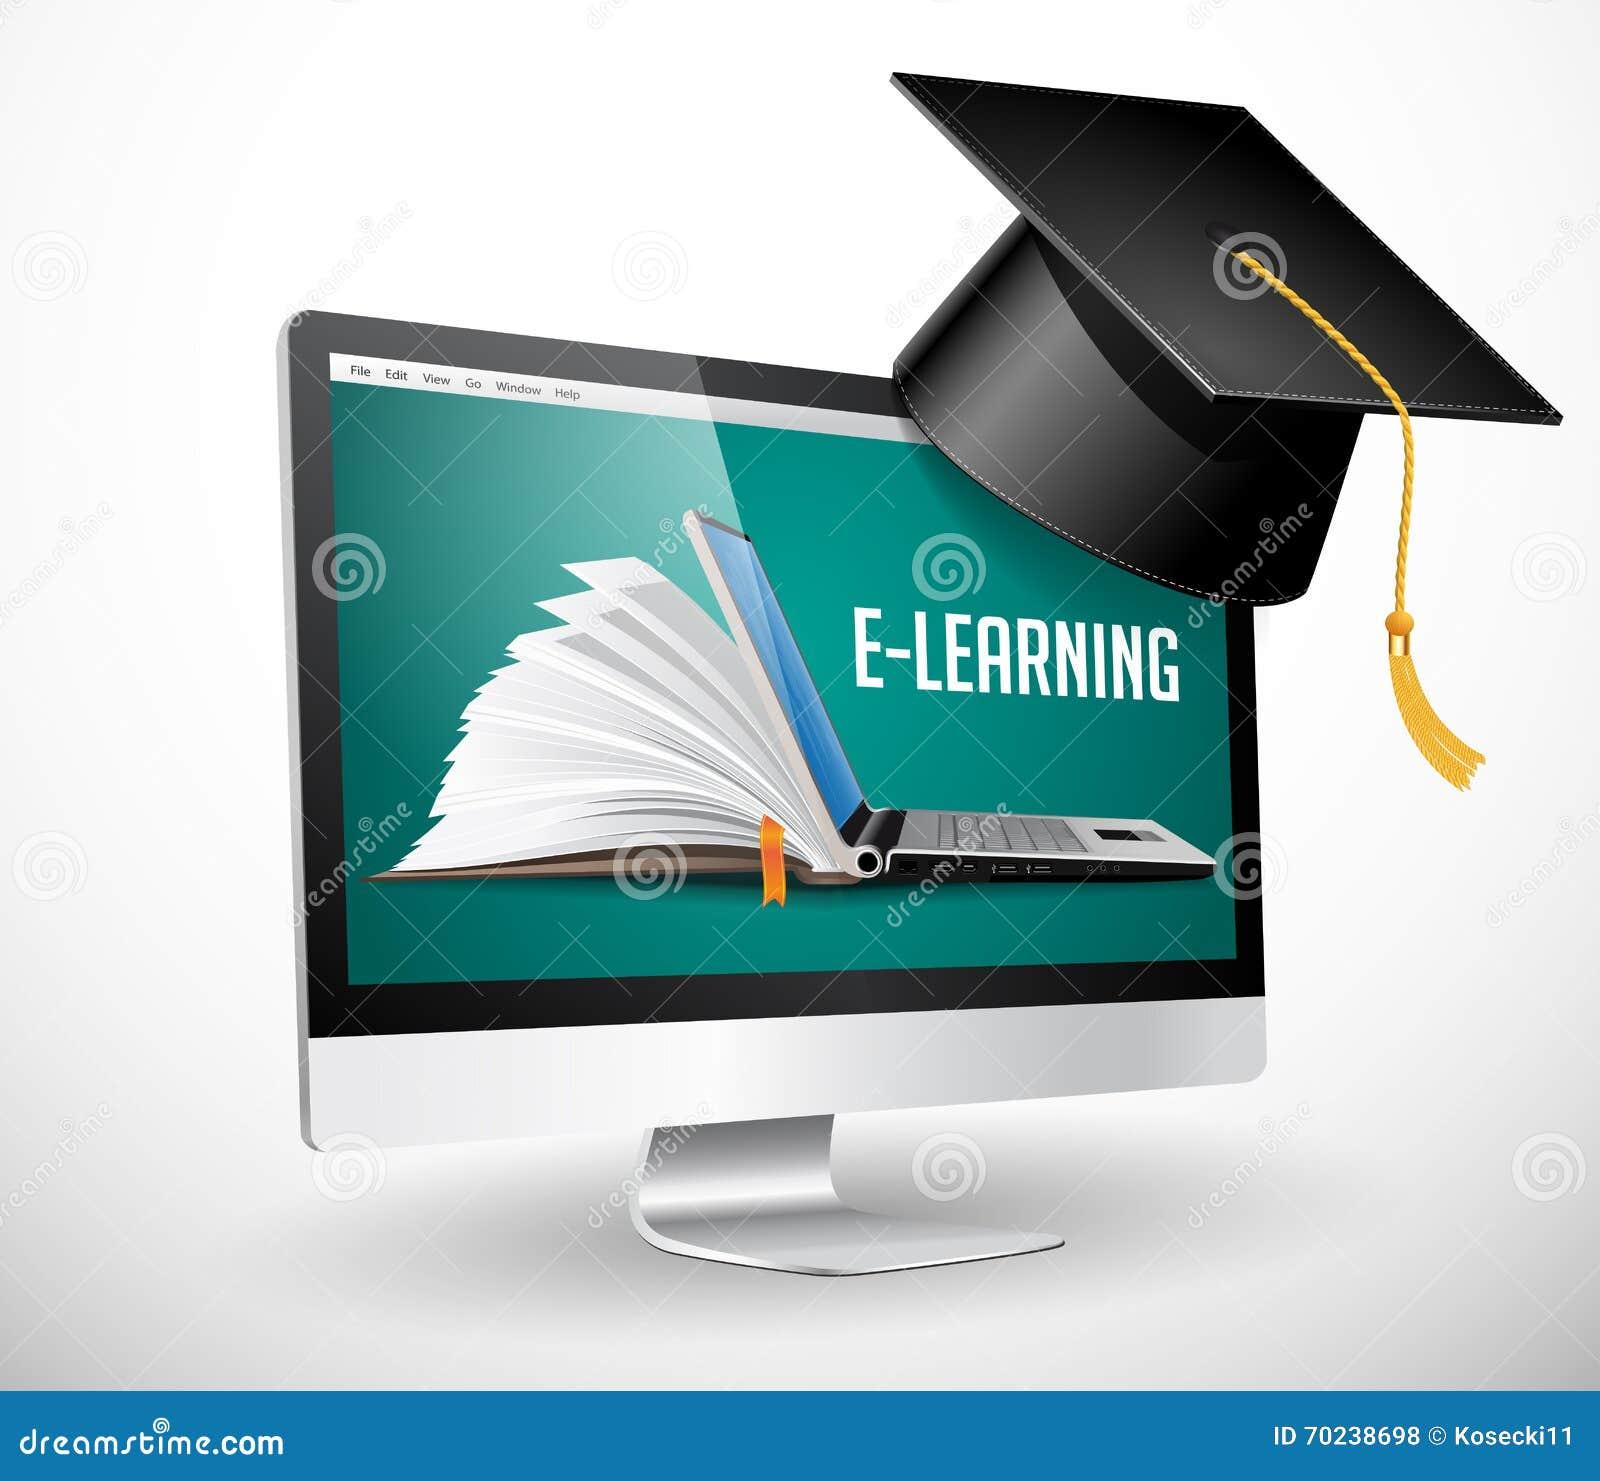 IT Mededeling - e-leert, online onderwijs